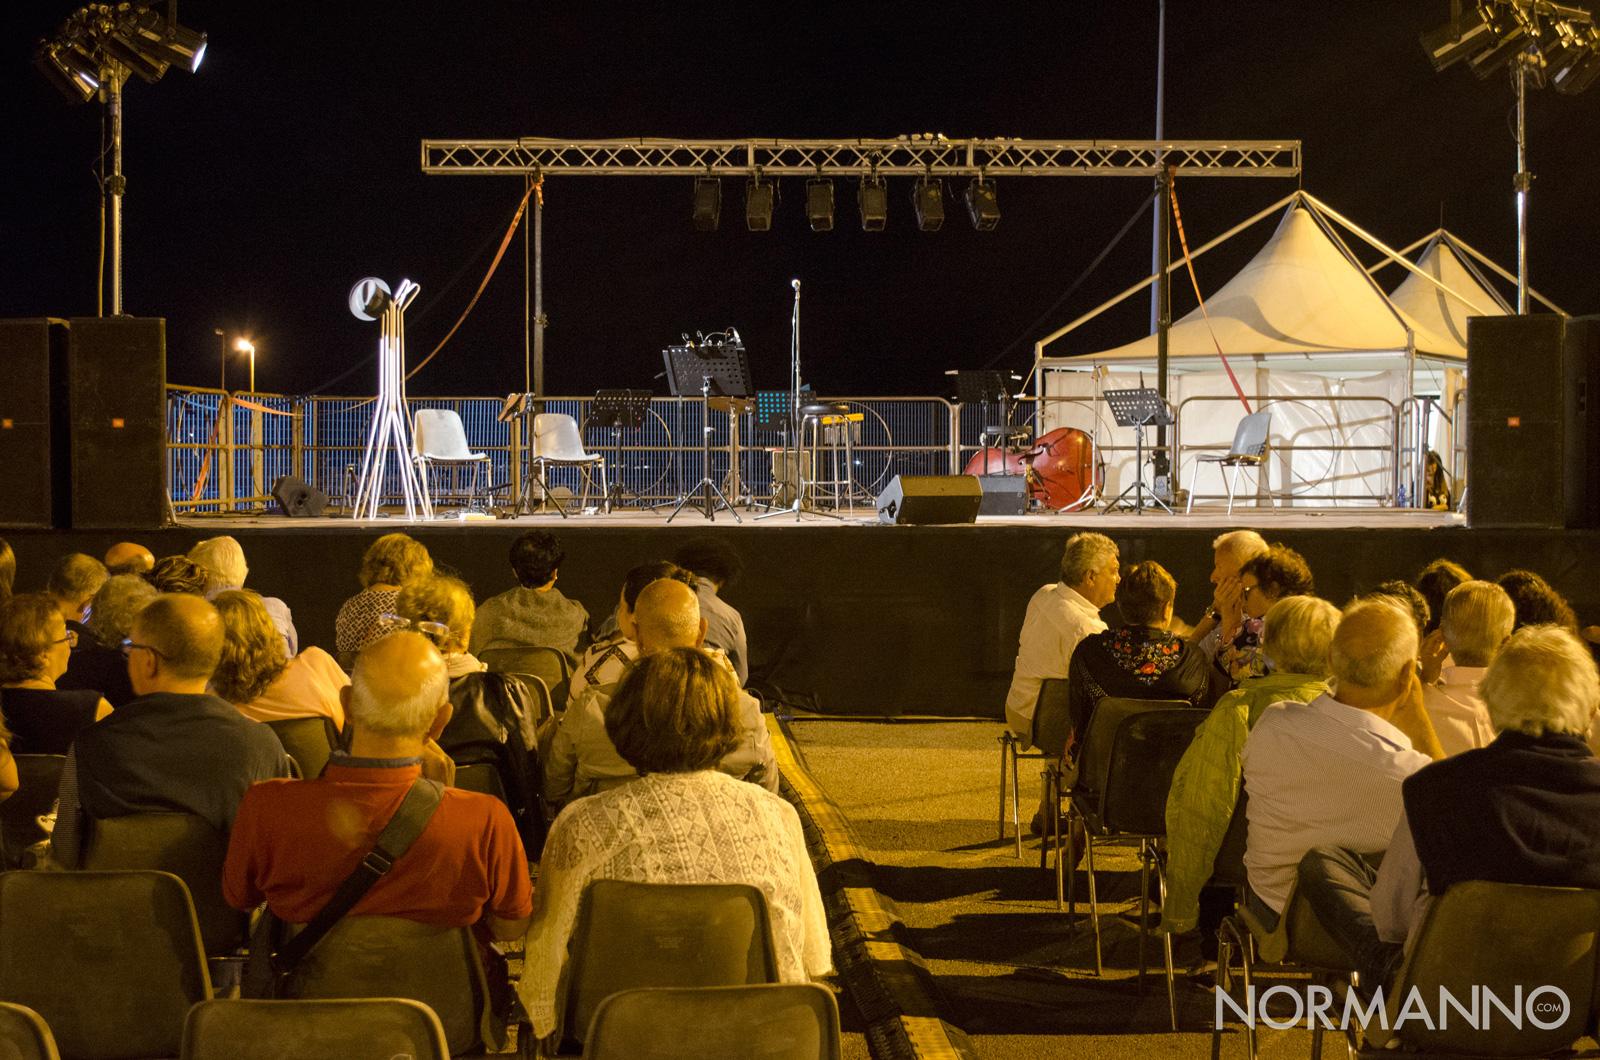 Foto del palco per gli spettacoli dell'agosto in fiera a messina 2018